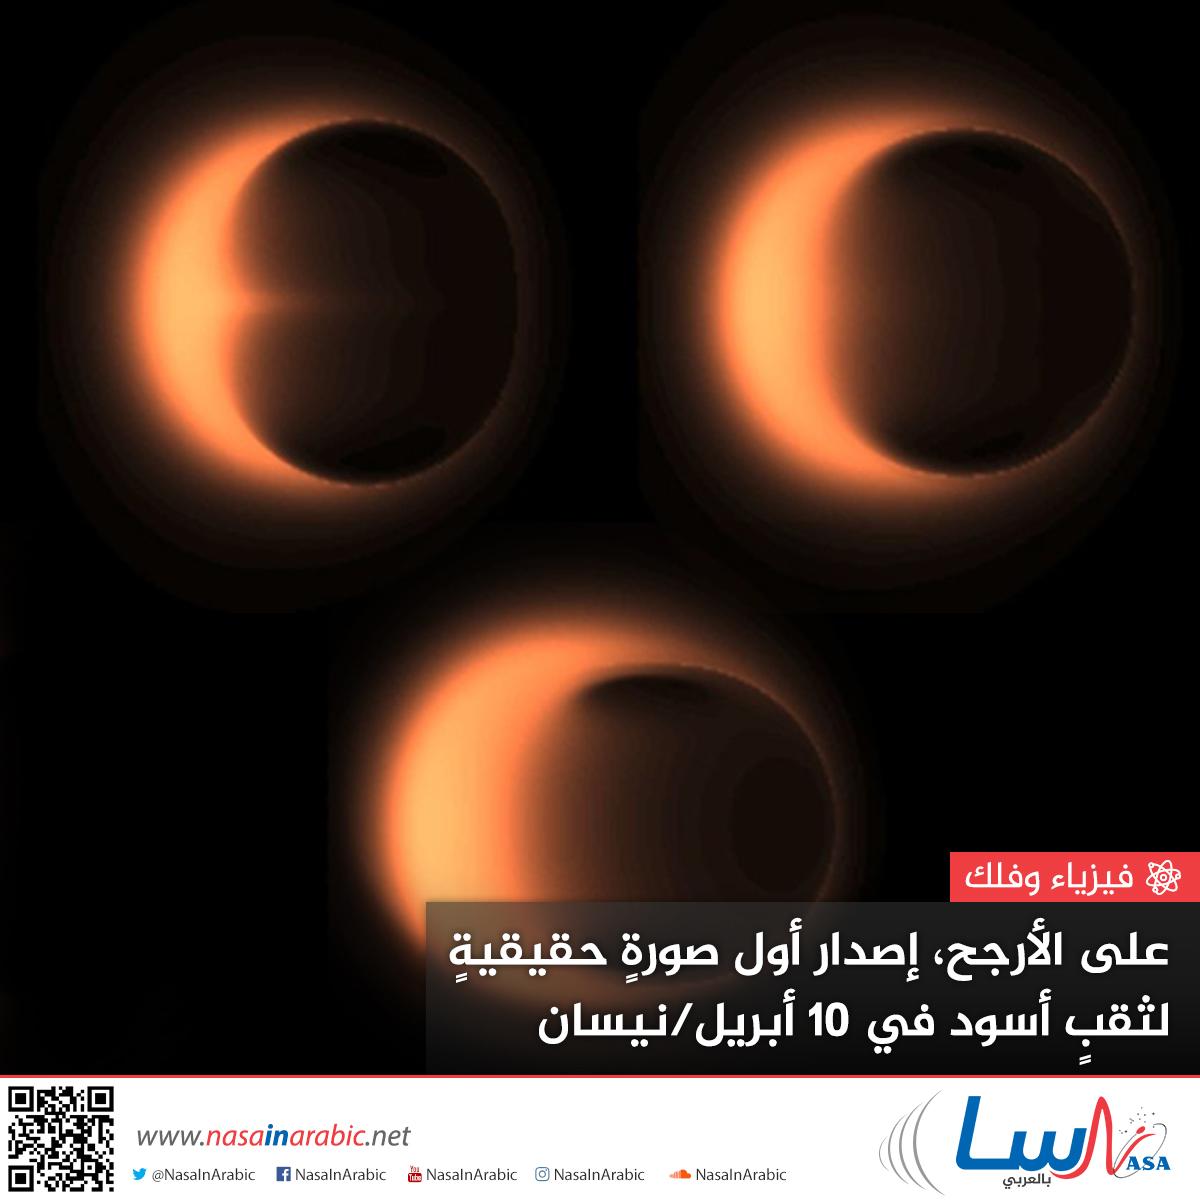 على الأرجح، إصدار أول صورةٍ حقيقيةٍ لثقبٍ أسود في 10 أبريل/نيسان